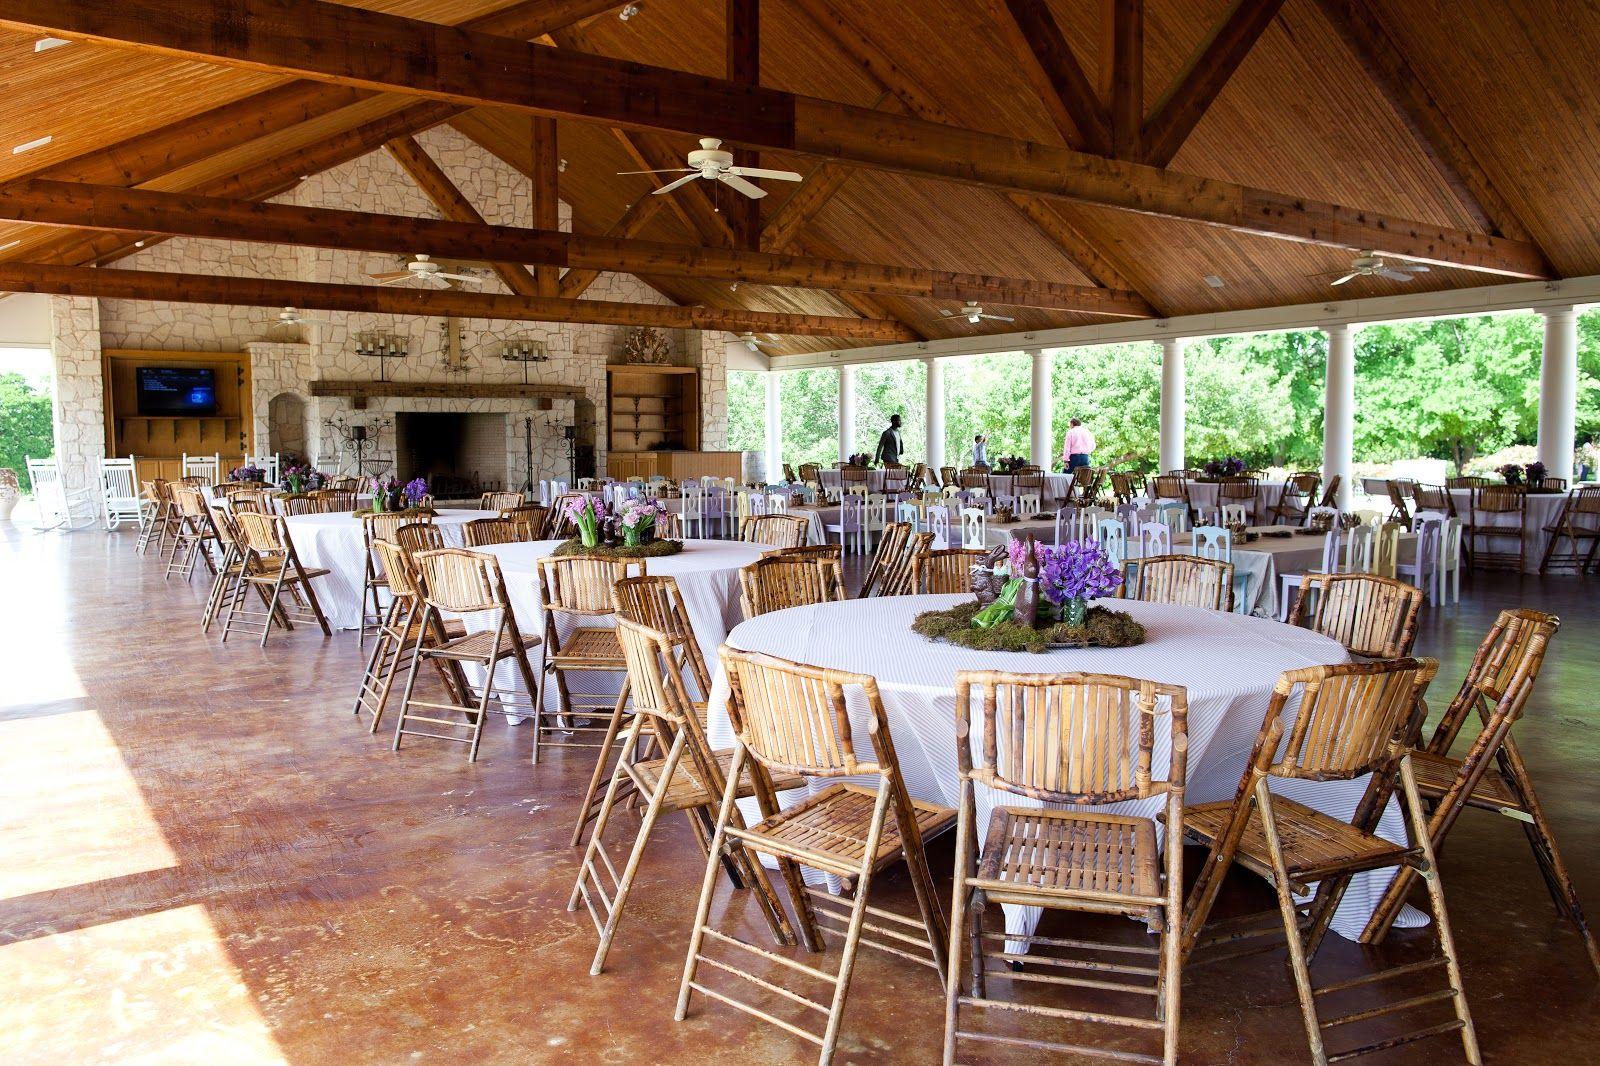 Pavilion at White Oaks Ranch for Kimberly Schlegel Whitman's Annual Easter Egg Hunt